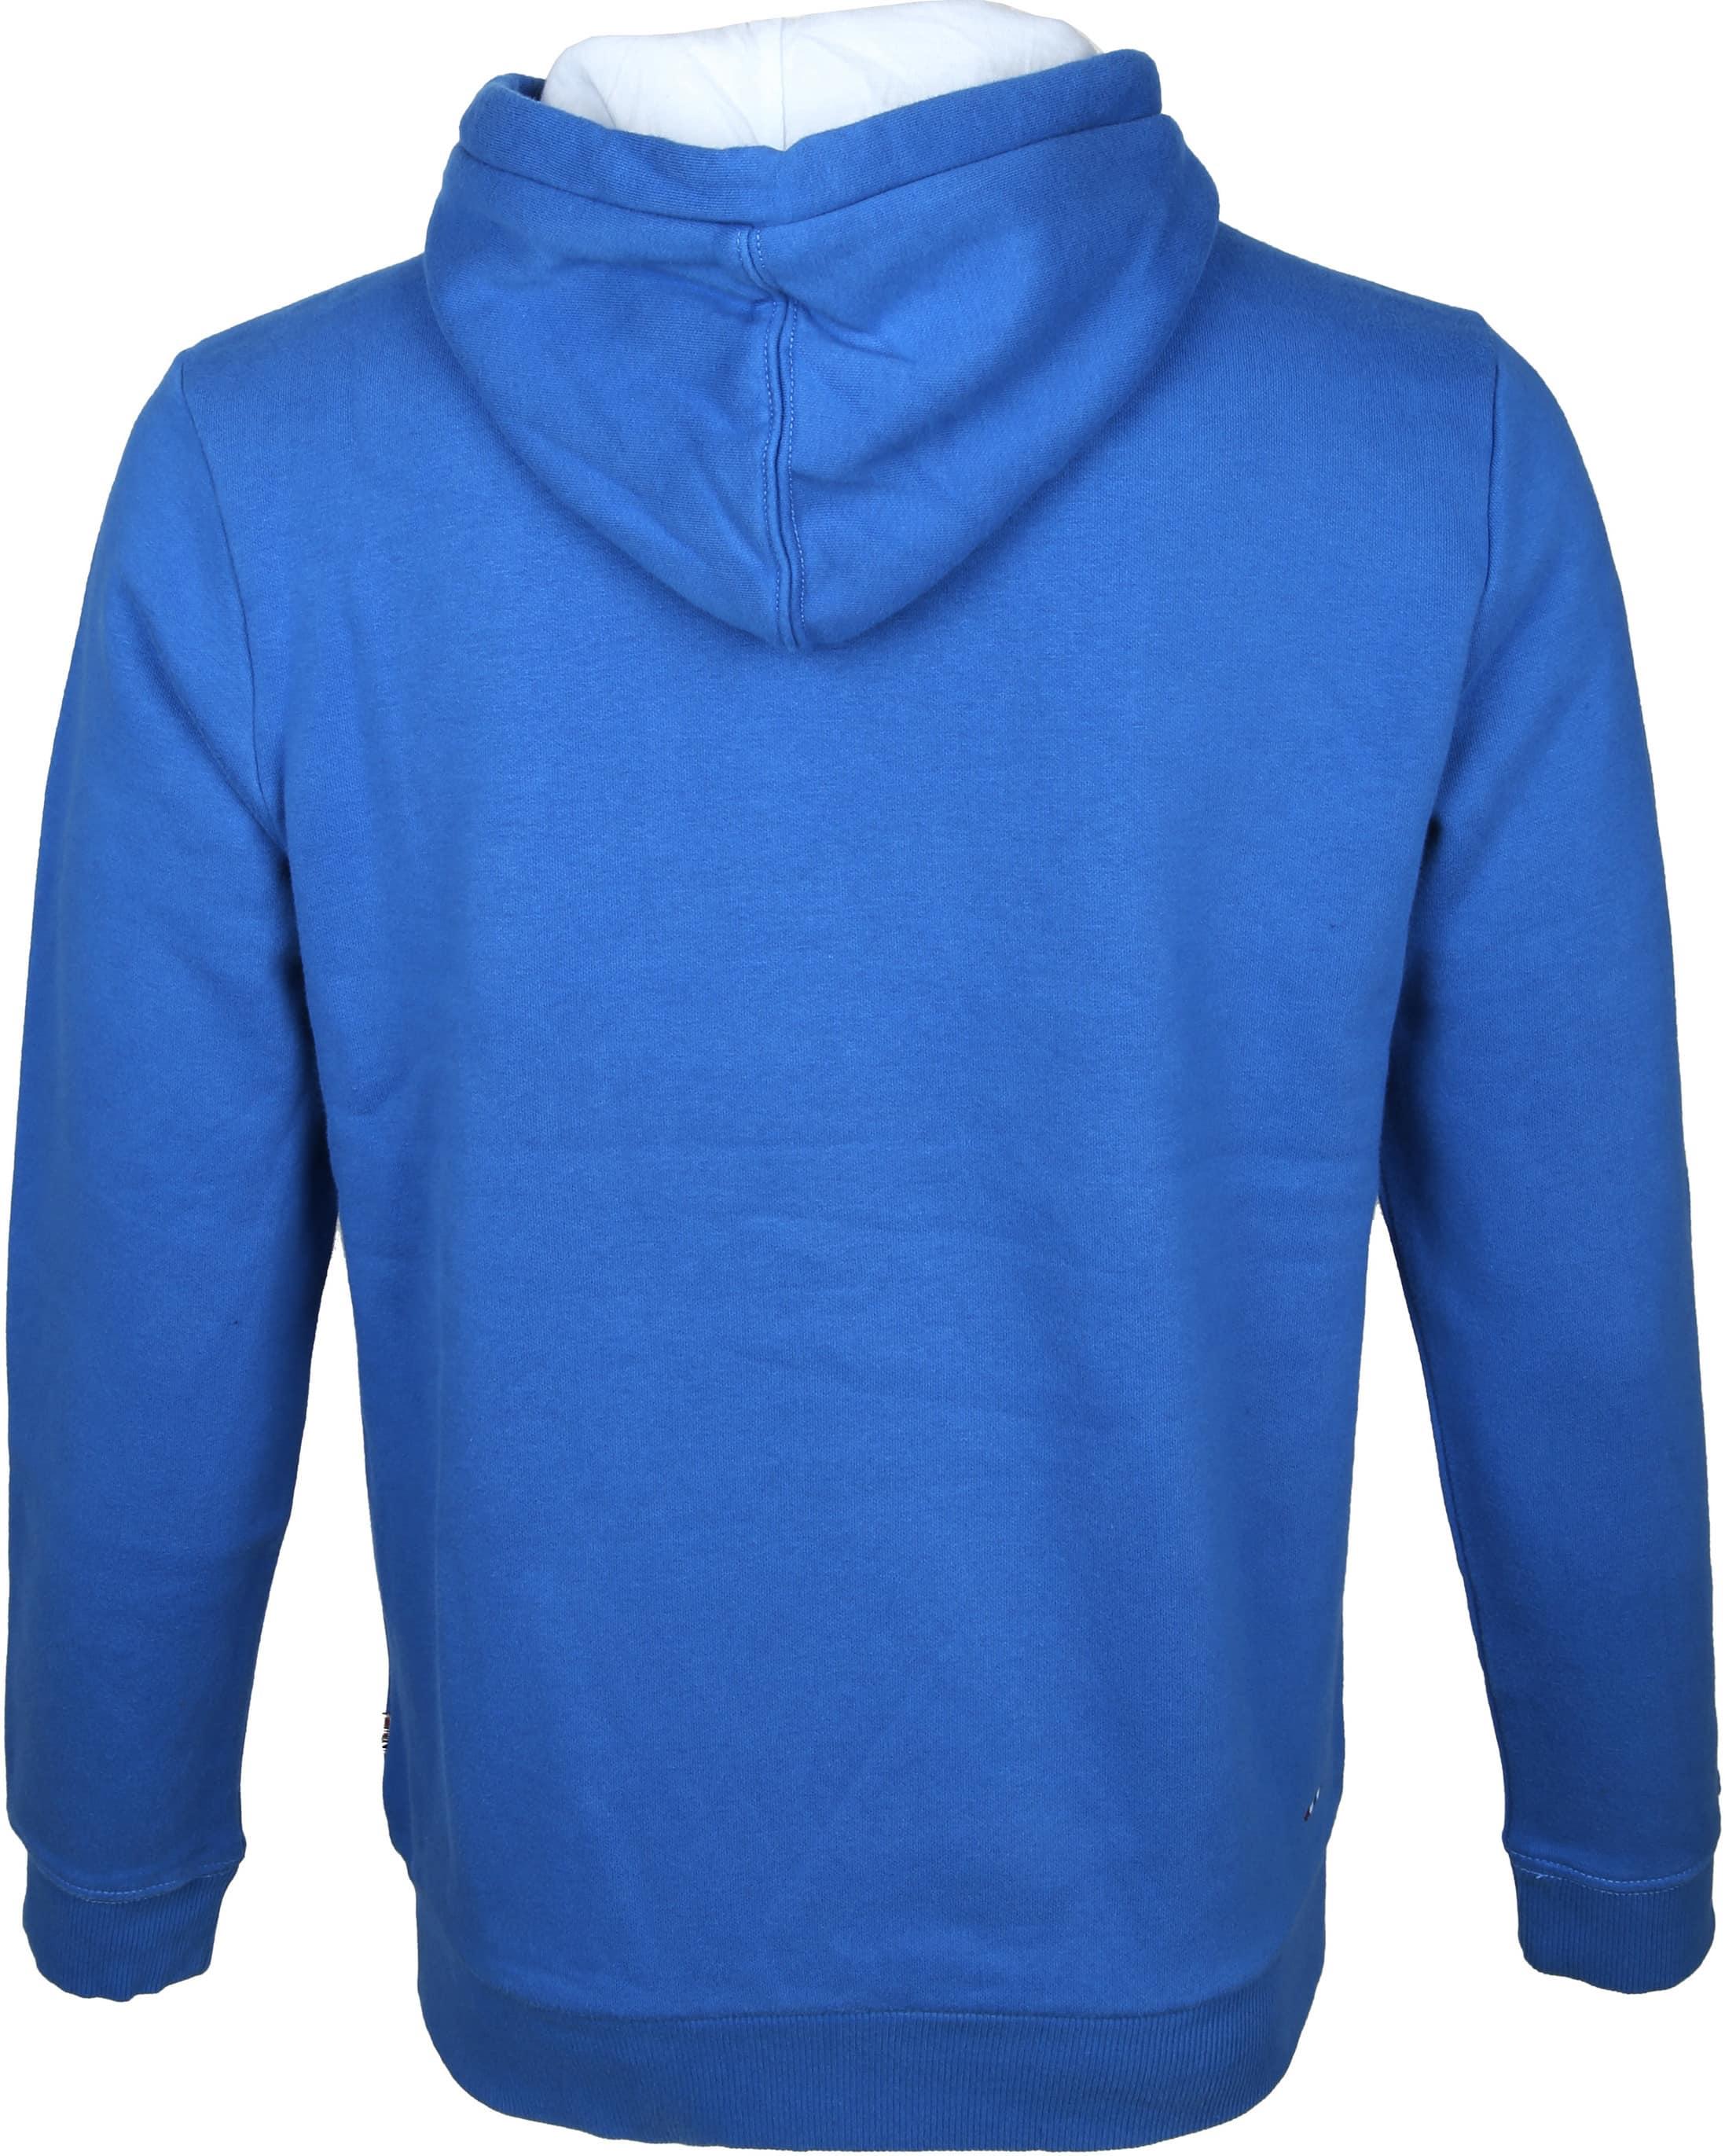 Napapijri Sweater Burgee Kobalt Blau foto 3